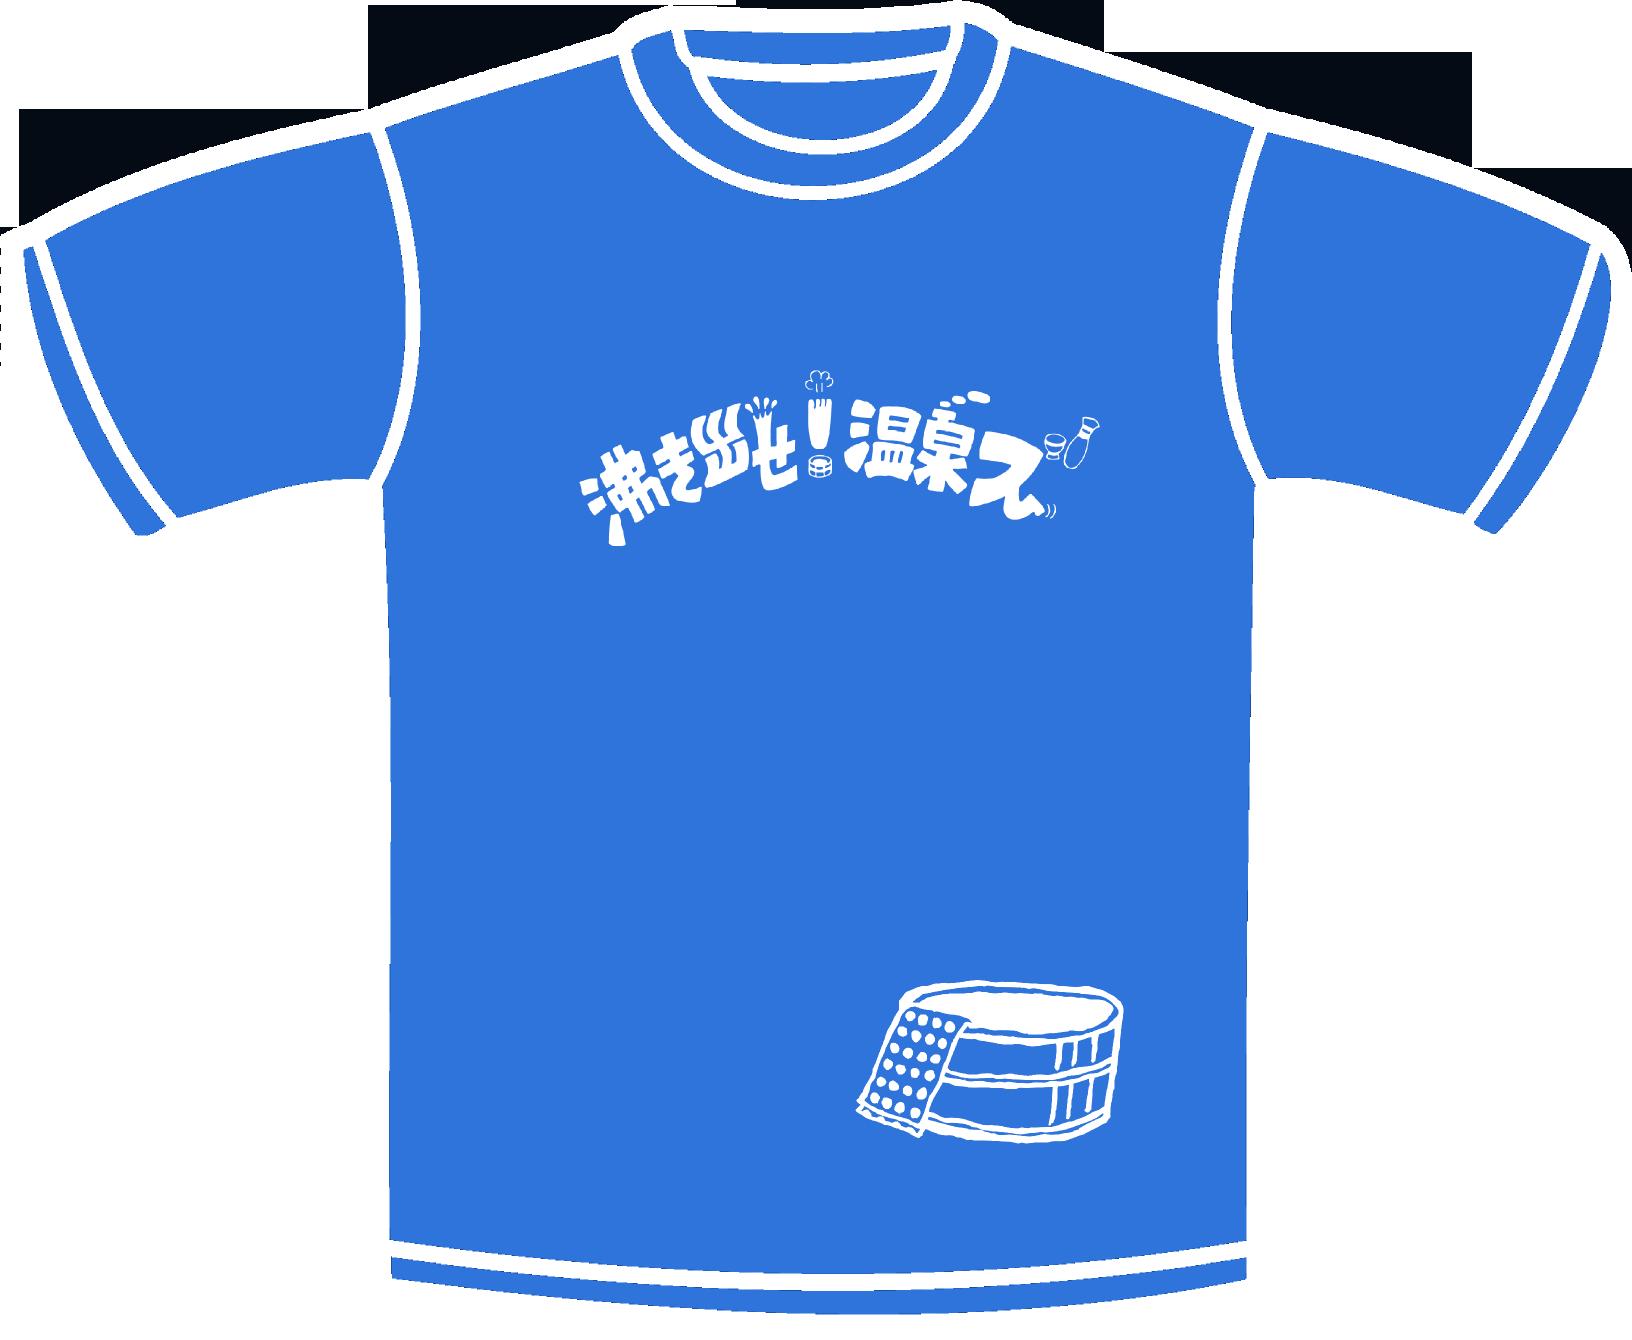 沸き出せ!温泉ズ:バンドTシャツ第二弾:デザイン表:ミディアムブルー